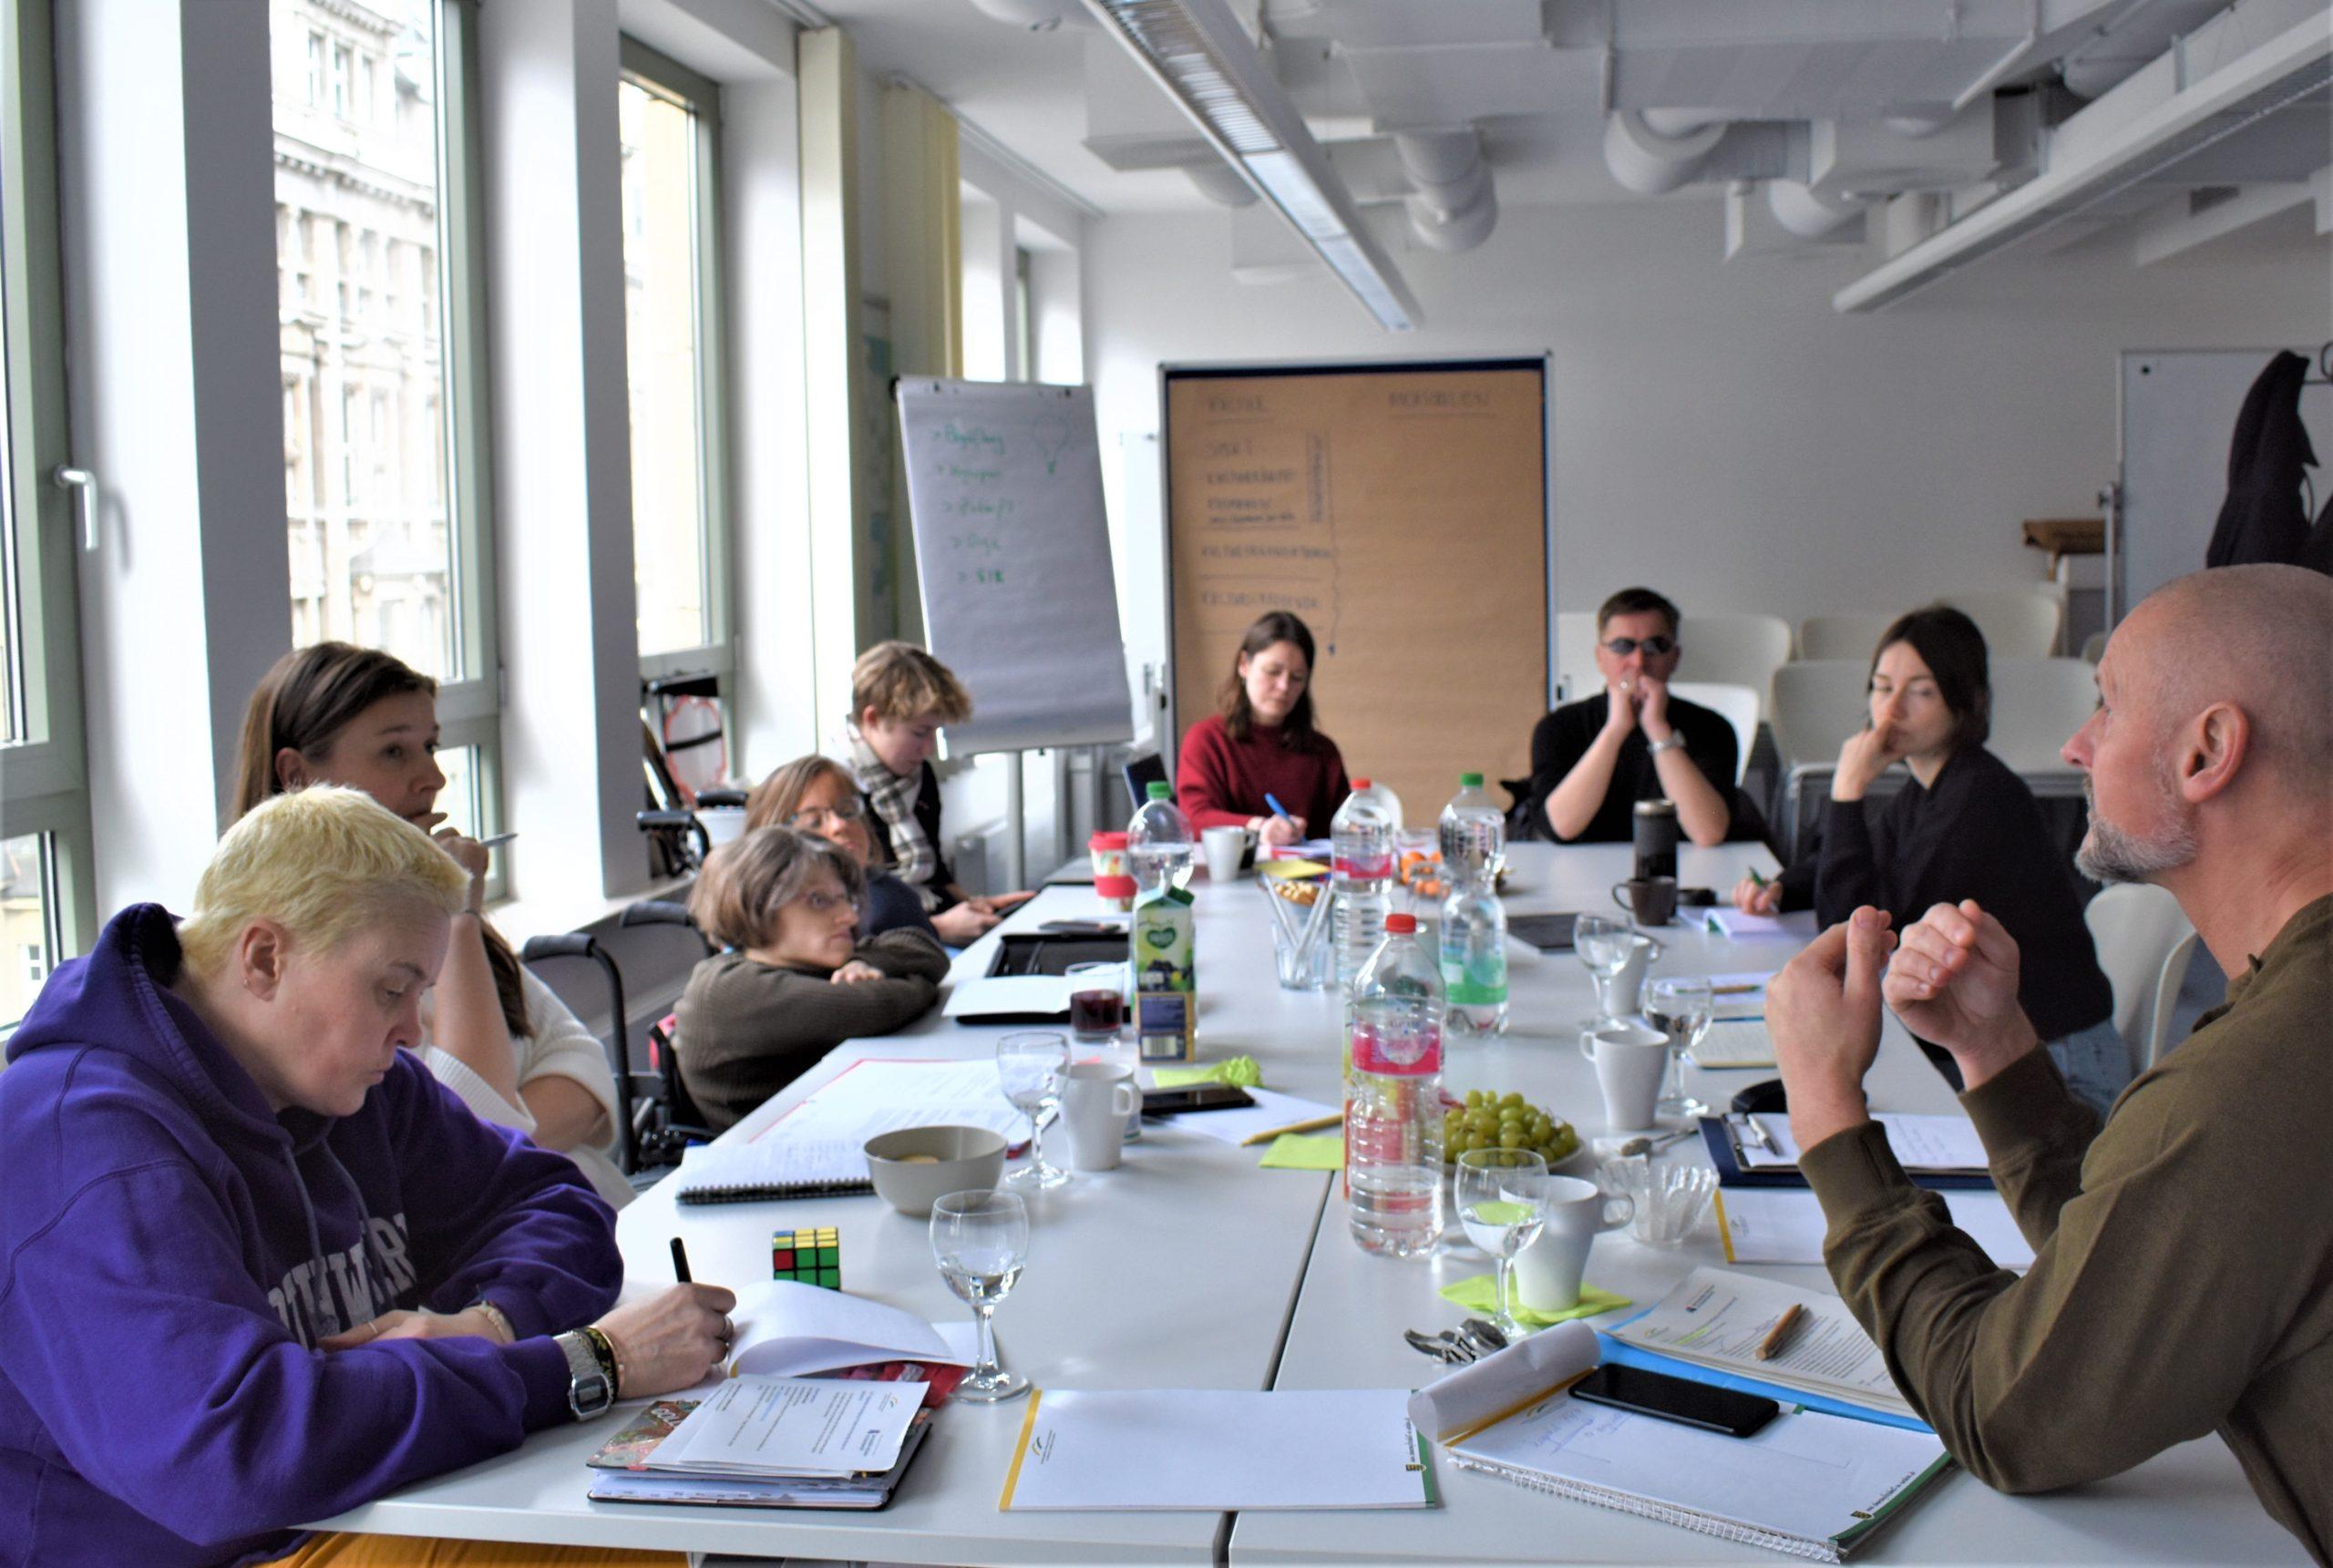 Das Foto zeigt einen langen Tisch. Um den Tisch herum sitzen in U-Form die Mitglieder des Runden Tisches